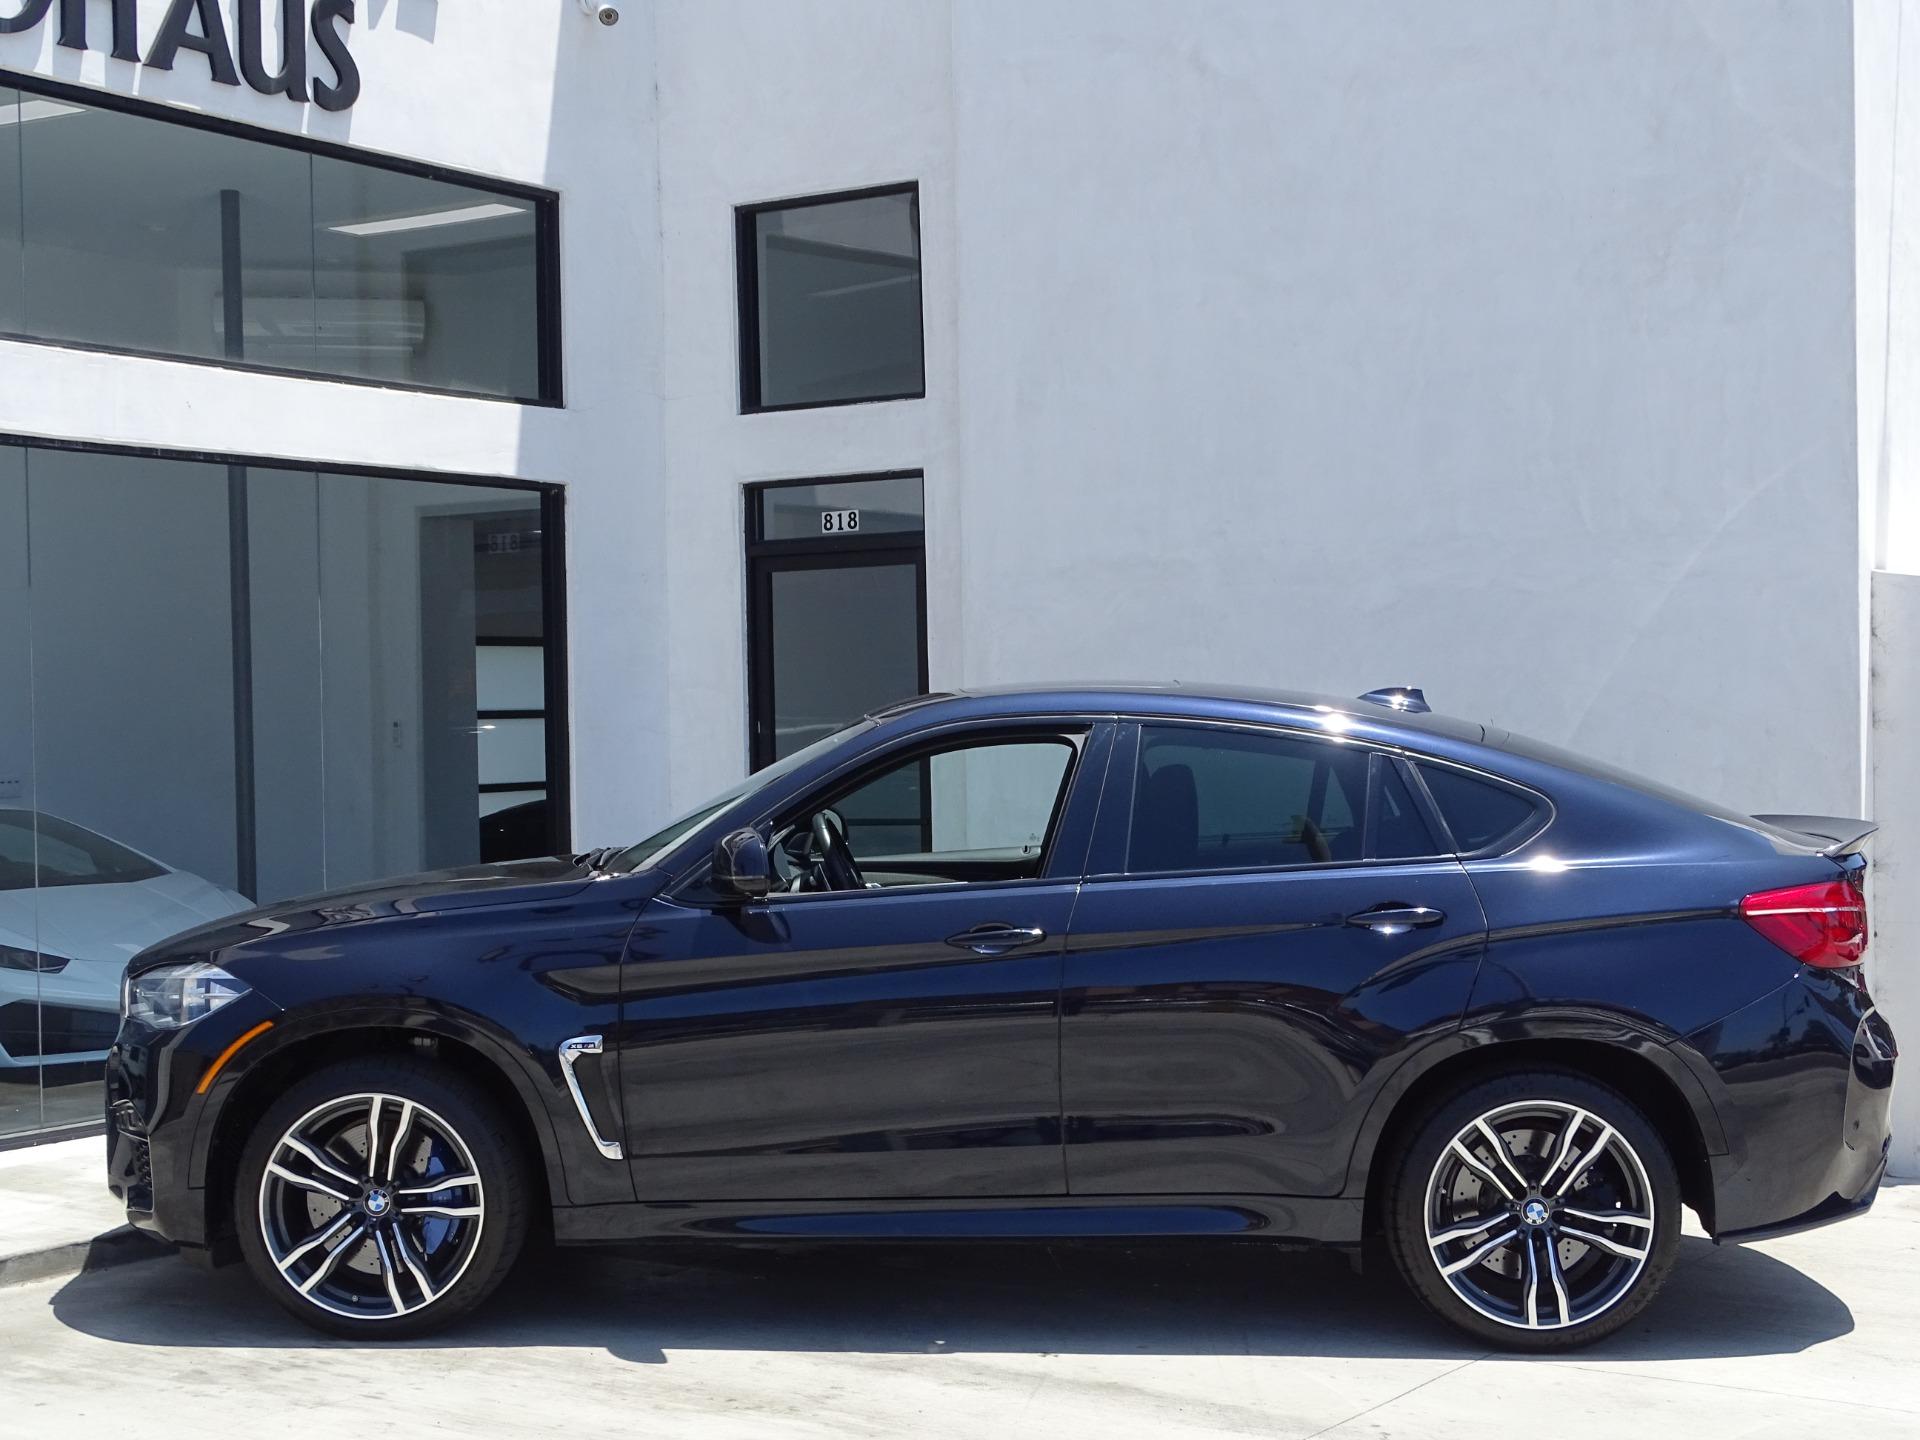 2015 BMW X6 M Stock  6583 for sale near Redondo Beach CA